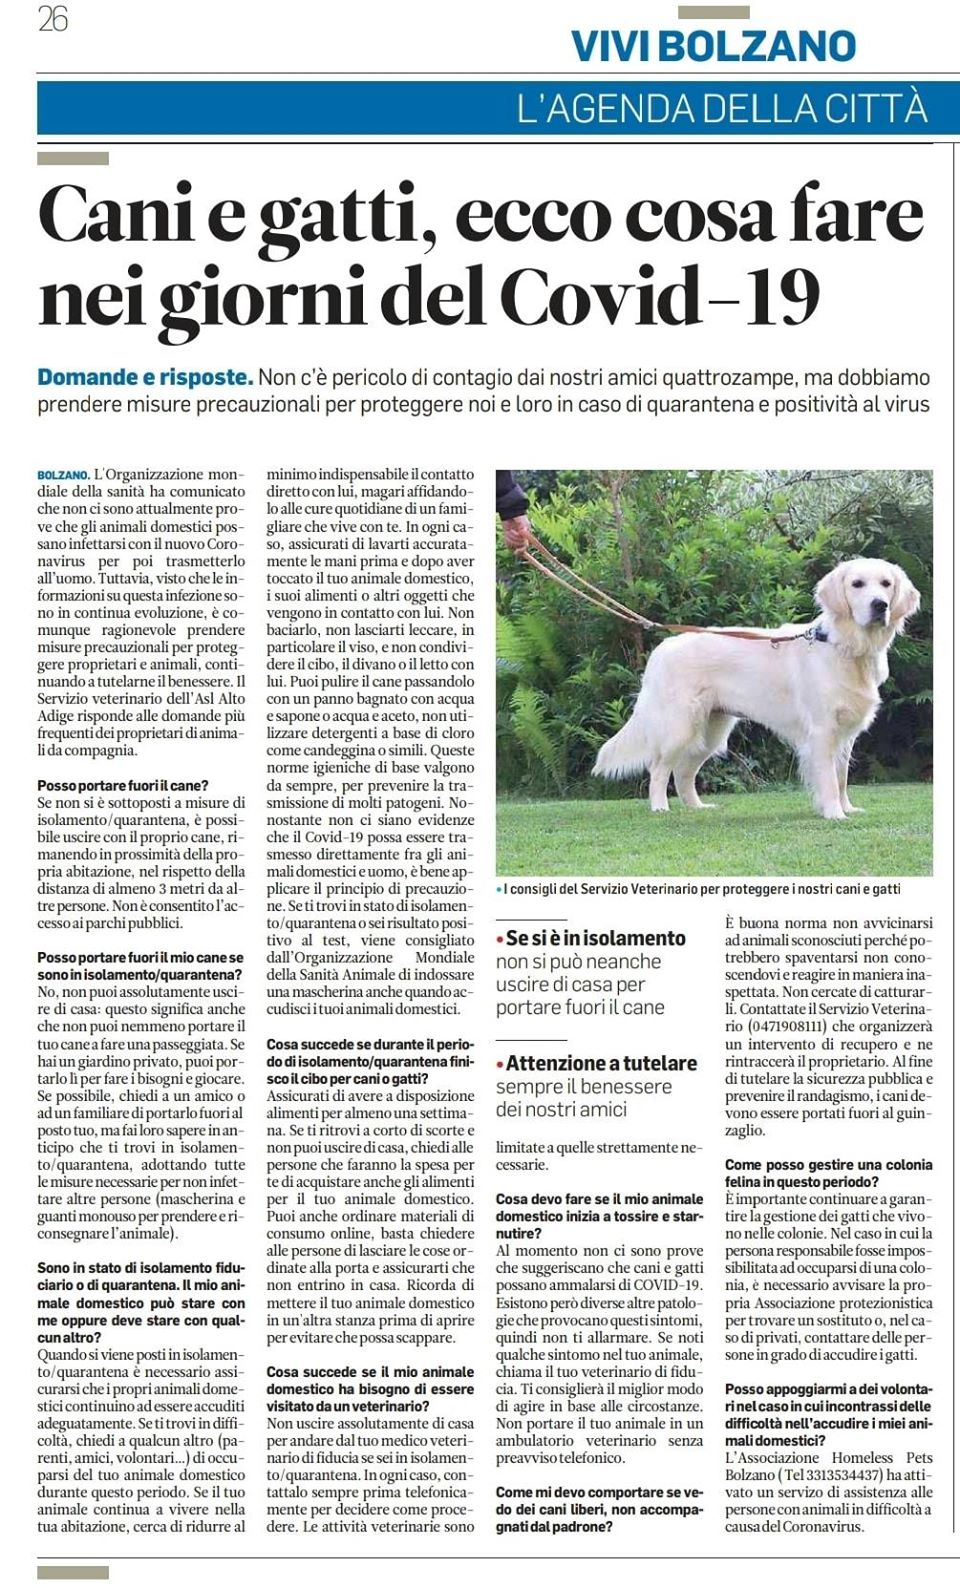 Domande Al Veterinario Cane covid-19: le risposte del servizio veterinario – homeless